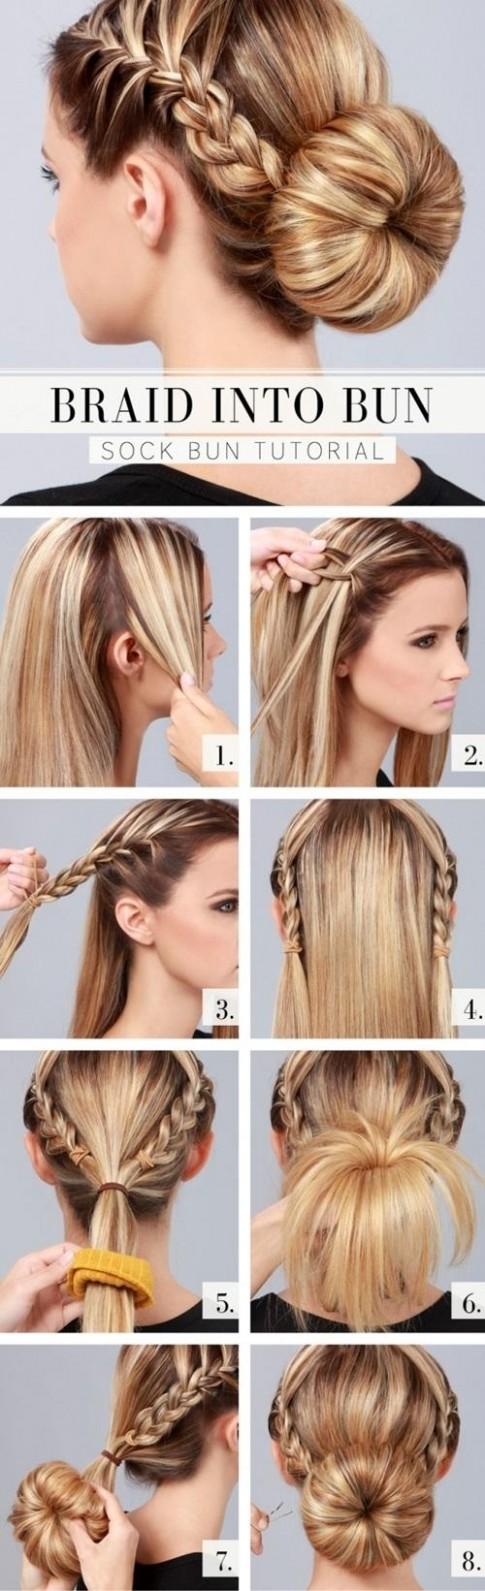 Hướng dẫn làm tóc búi đẹp giản dị cực dễ thương chống nóng hè hiệu quả